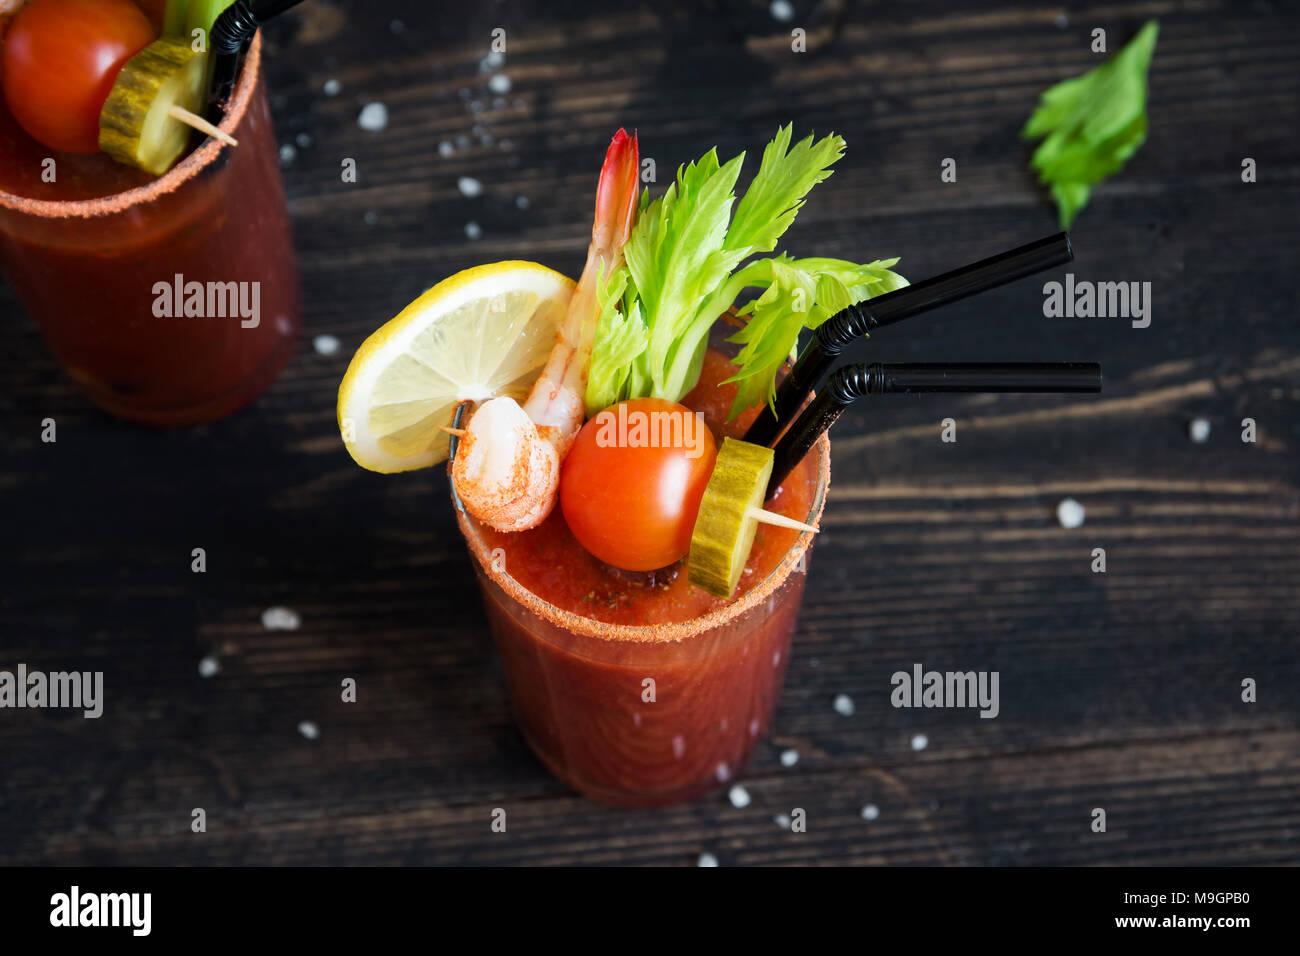 Cocktail Bloody Mary en verre avec des garnitures. Bloody Mary tomate boisson épicée sur fond noir avec l'exemplaire de l'espace. Photo Stock